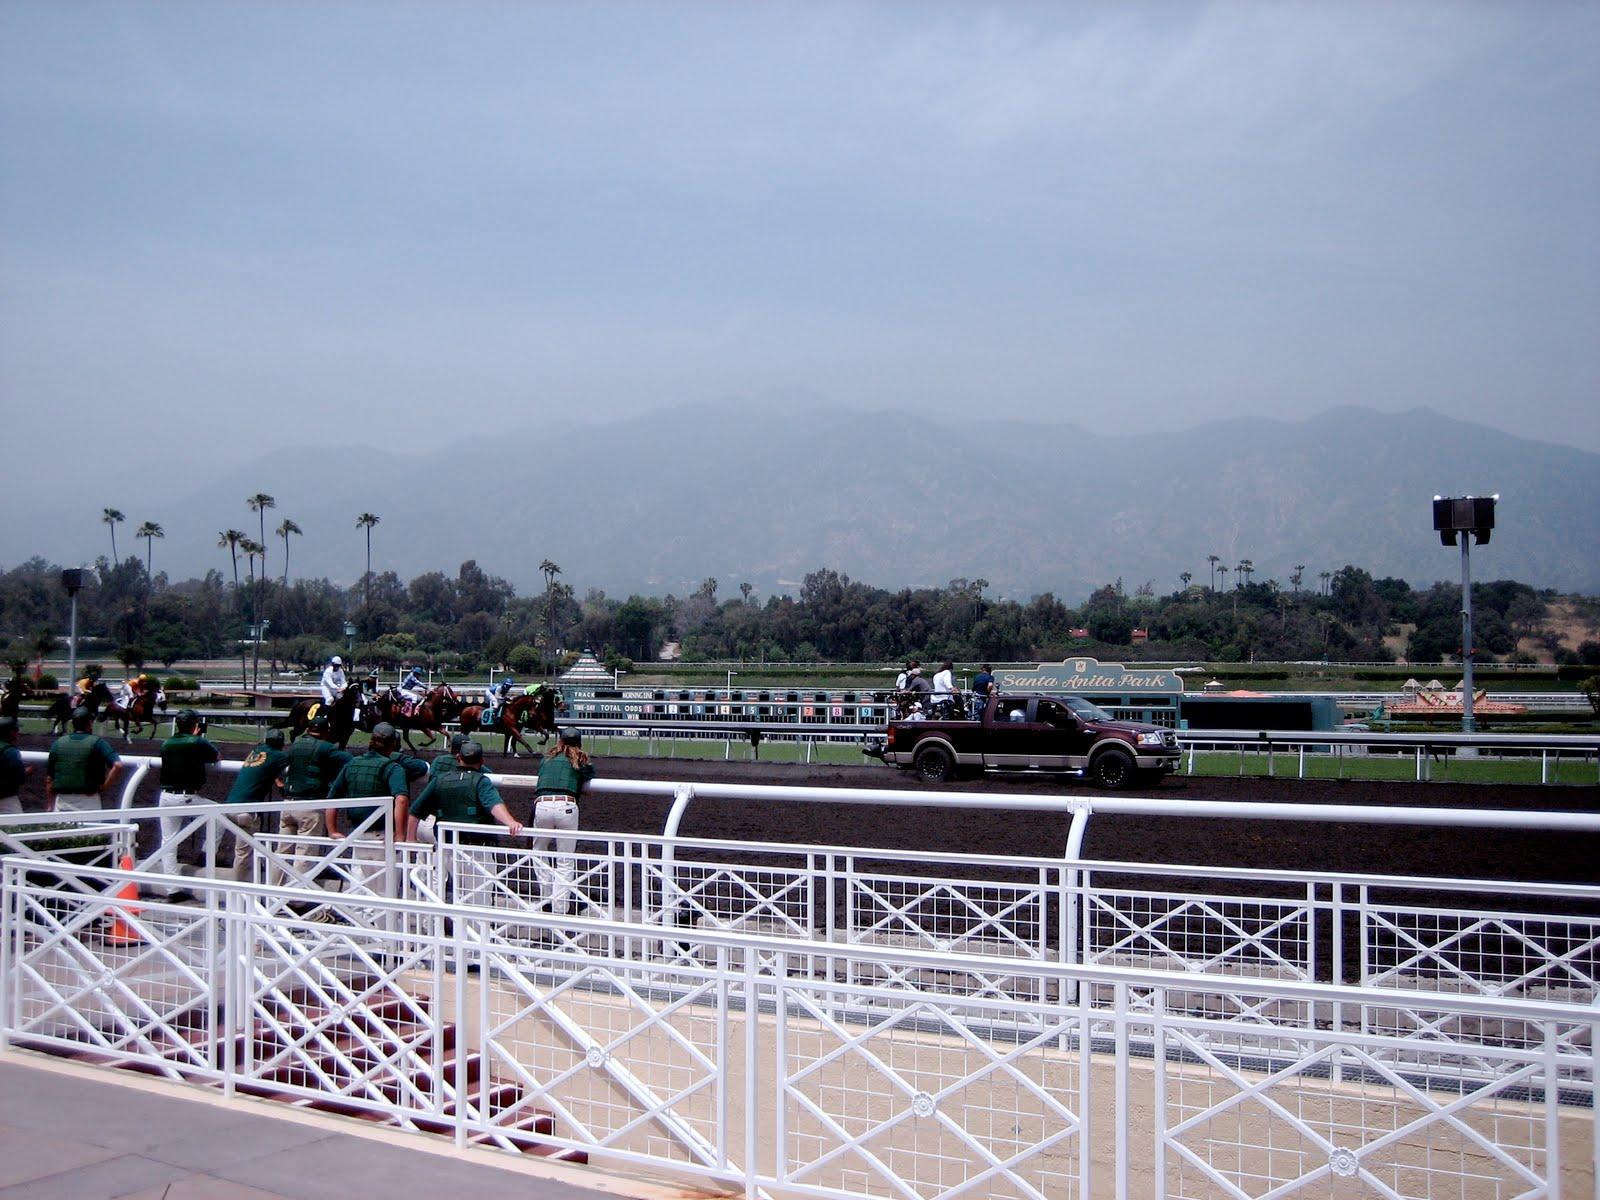 Mary Forney S Blog Santa Anita Starting Gate Crew In Hbo